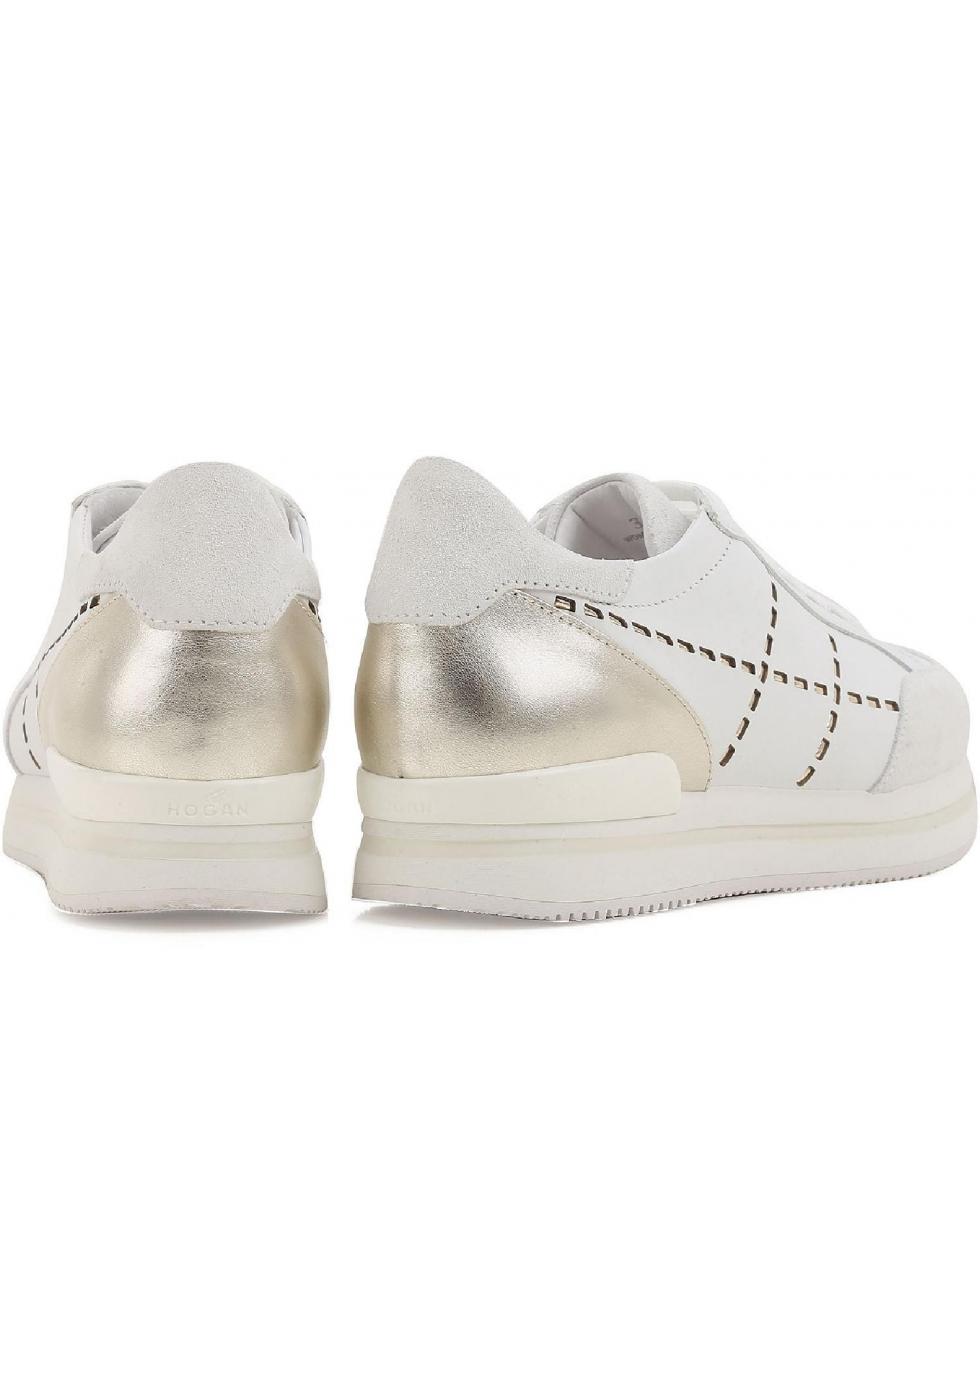 6a7018e762603f ... Hogan Damen Sneakers aus weiß Leder und silbernem Metallic hinten mit hoher  Gummisohle ...